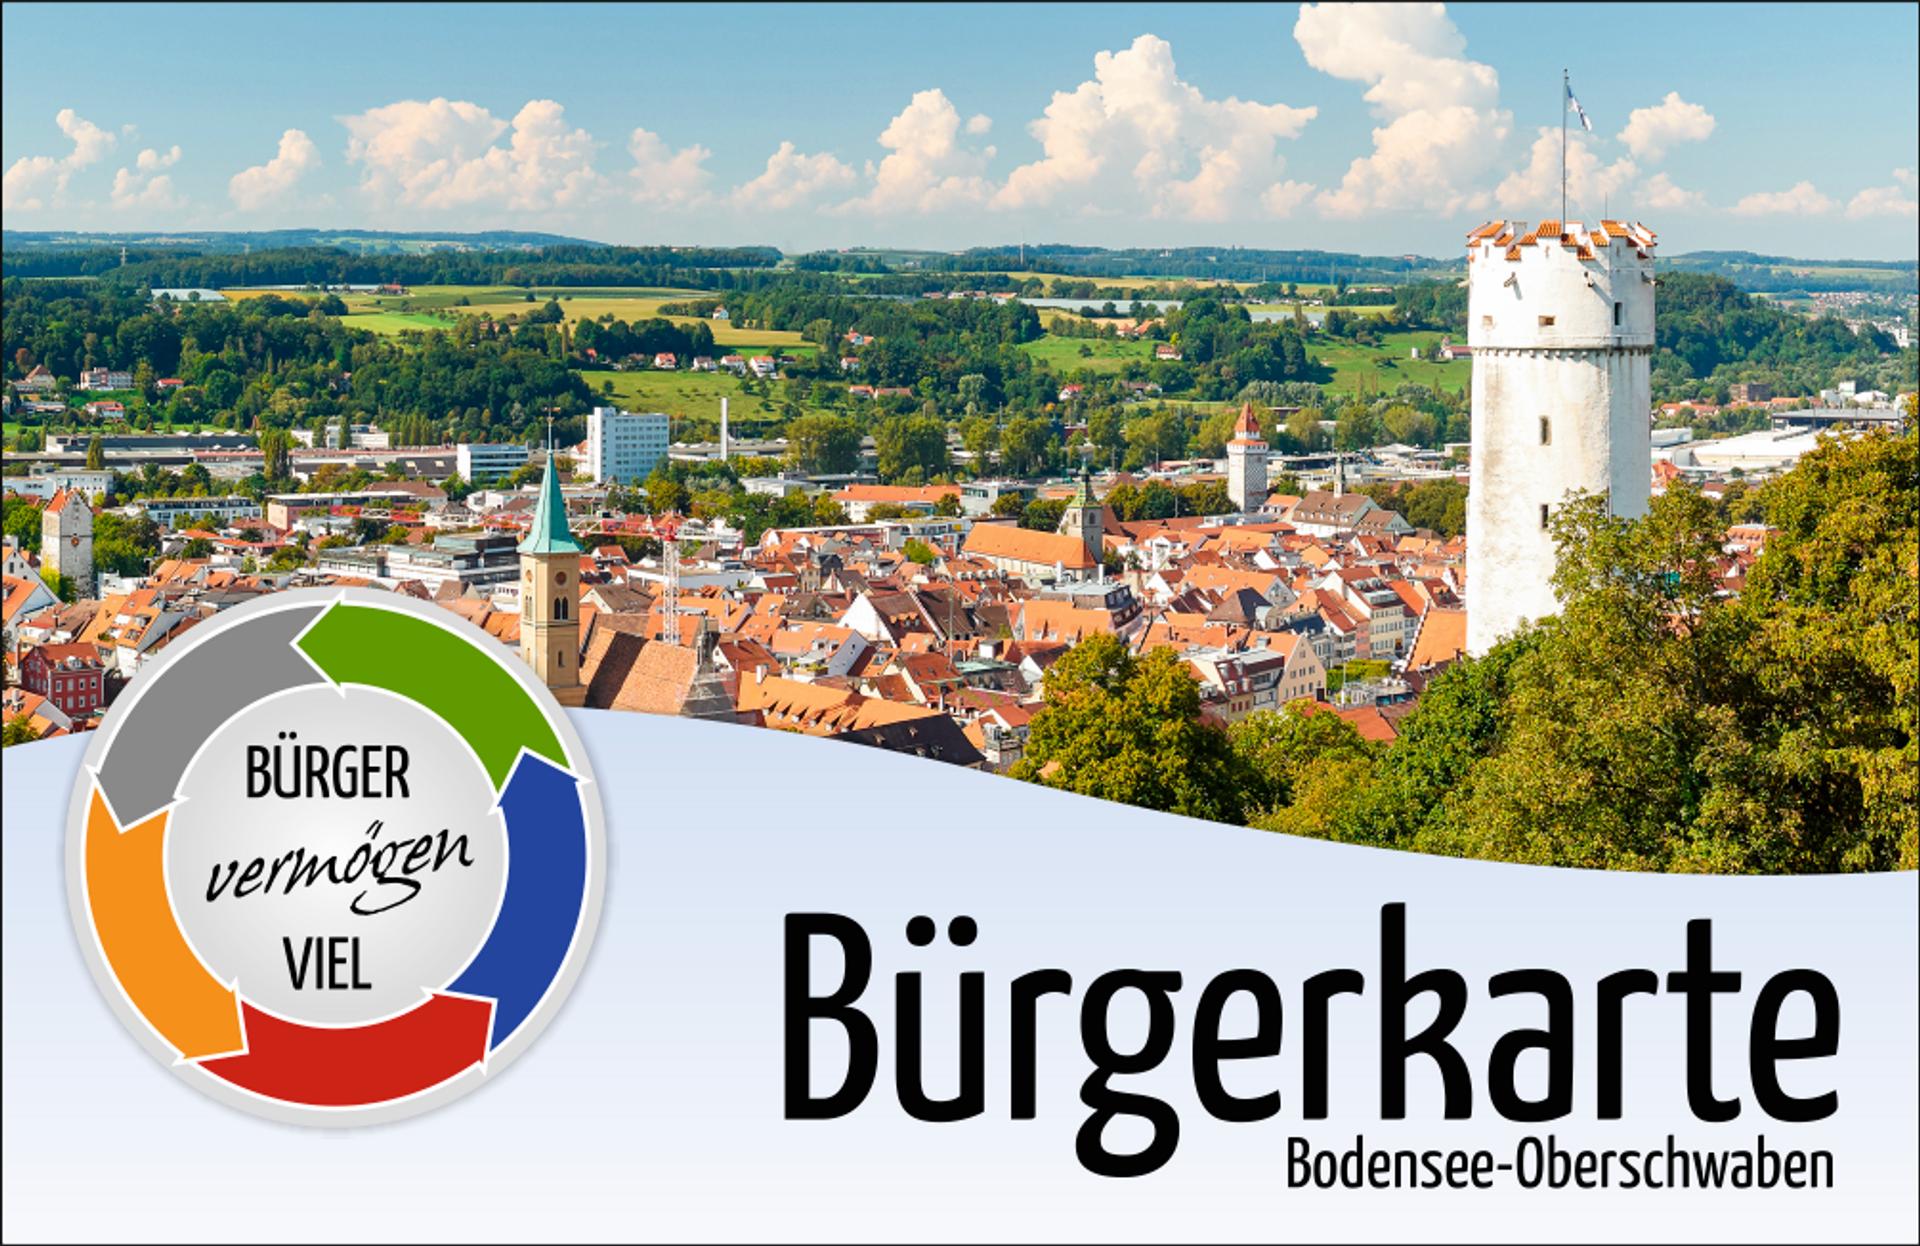 Neues von der Bürgerkarte Bodensee-Oberschwaben